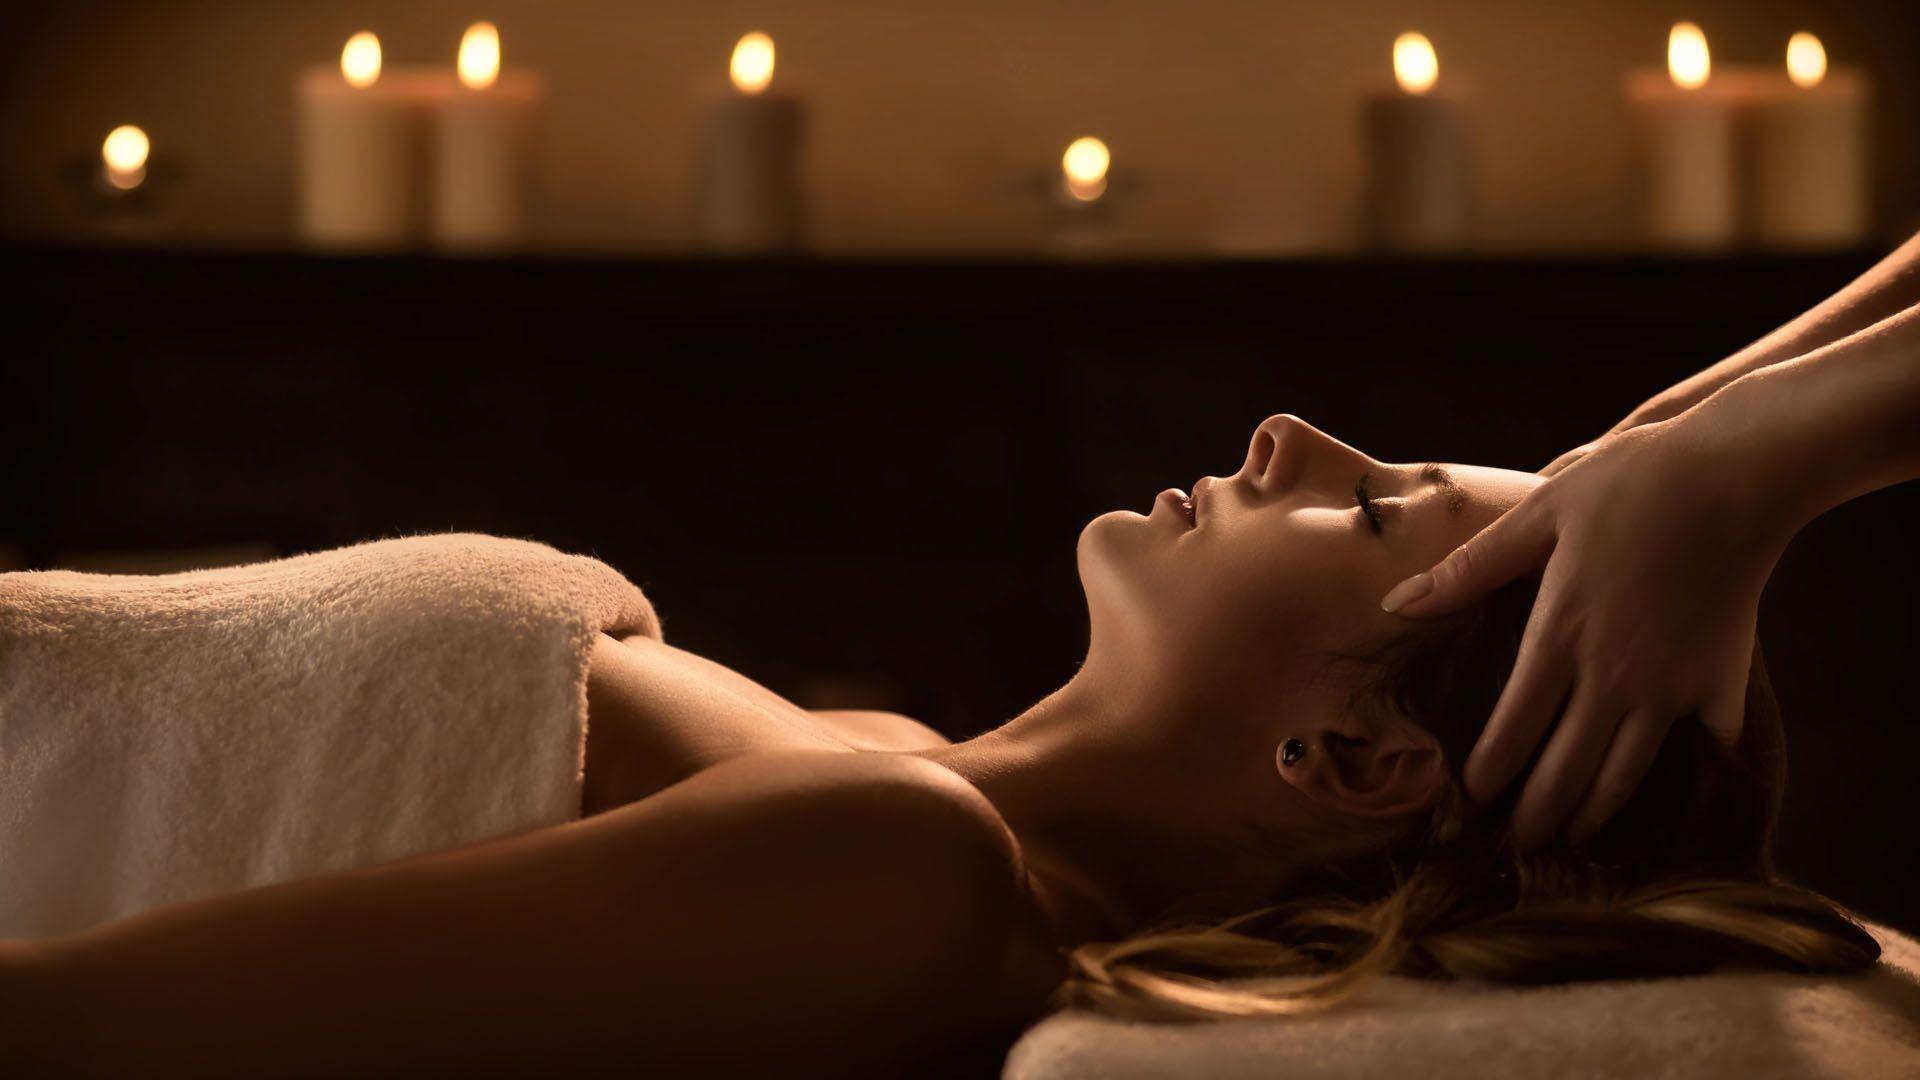 Centro de masajes y acupuntura en Salamanca